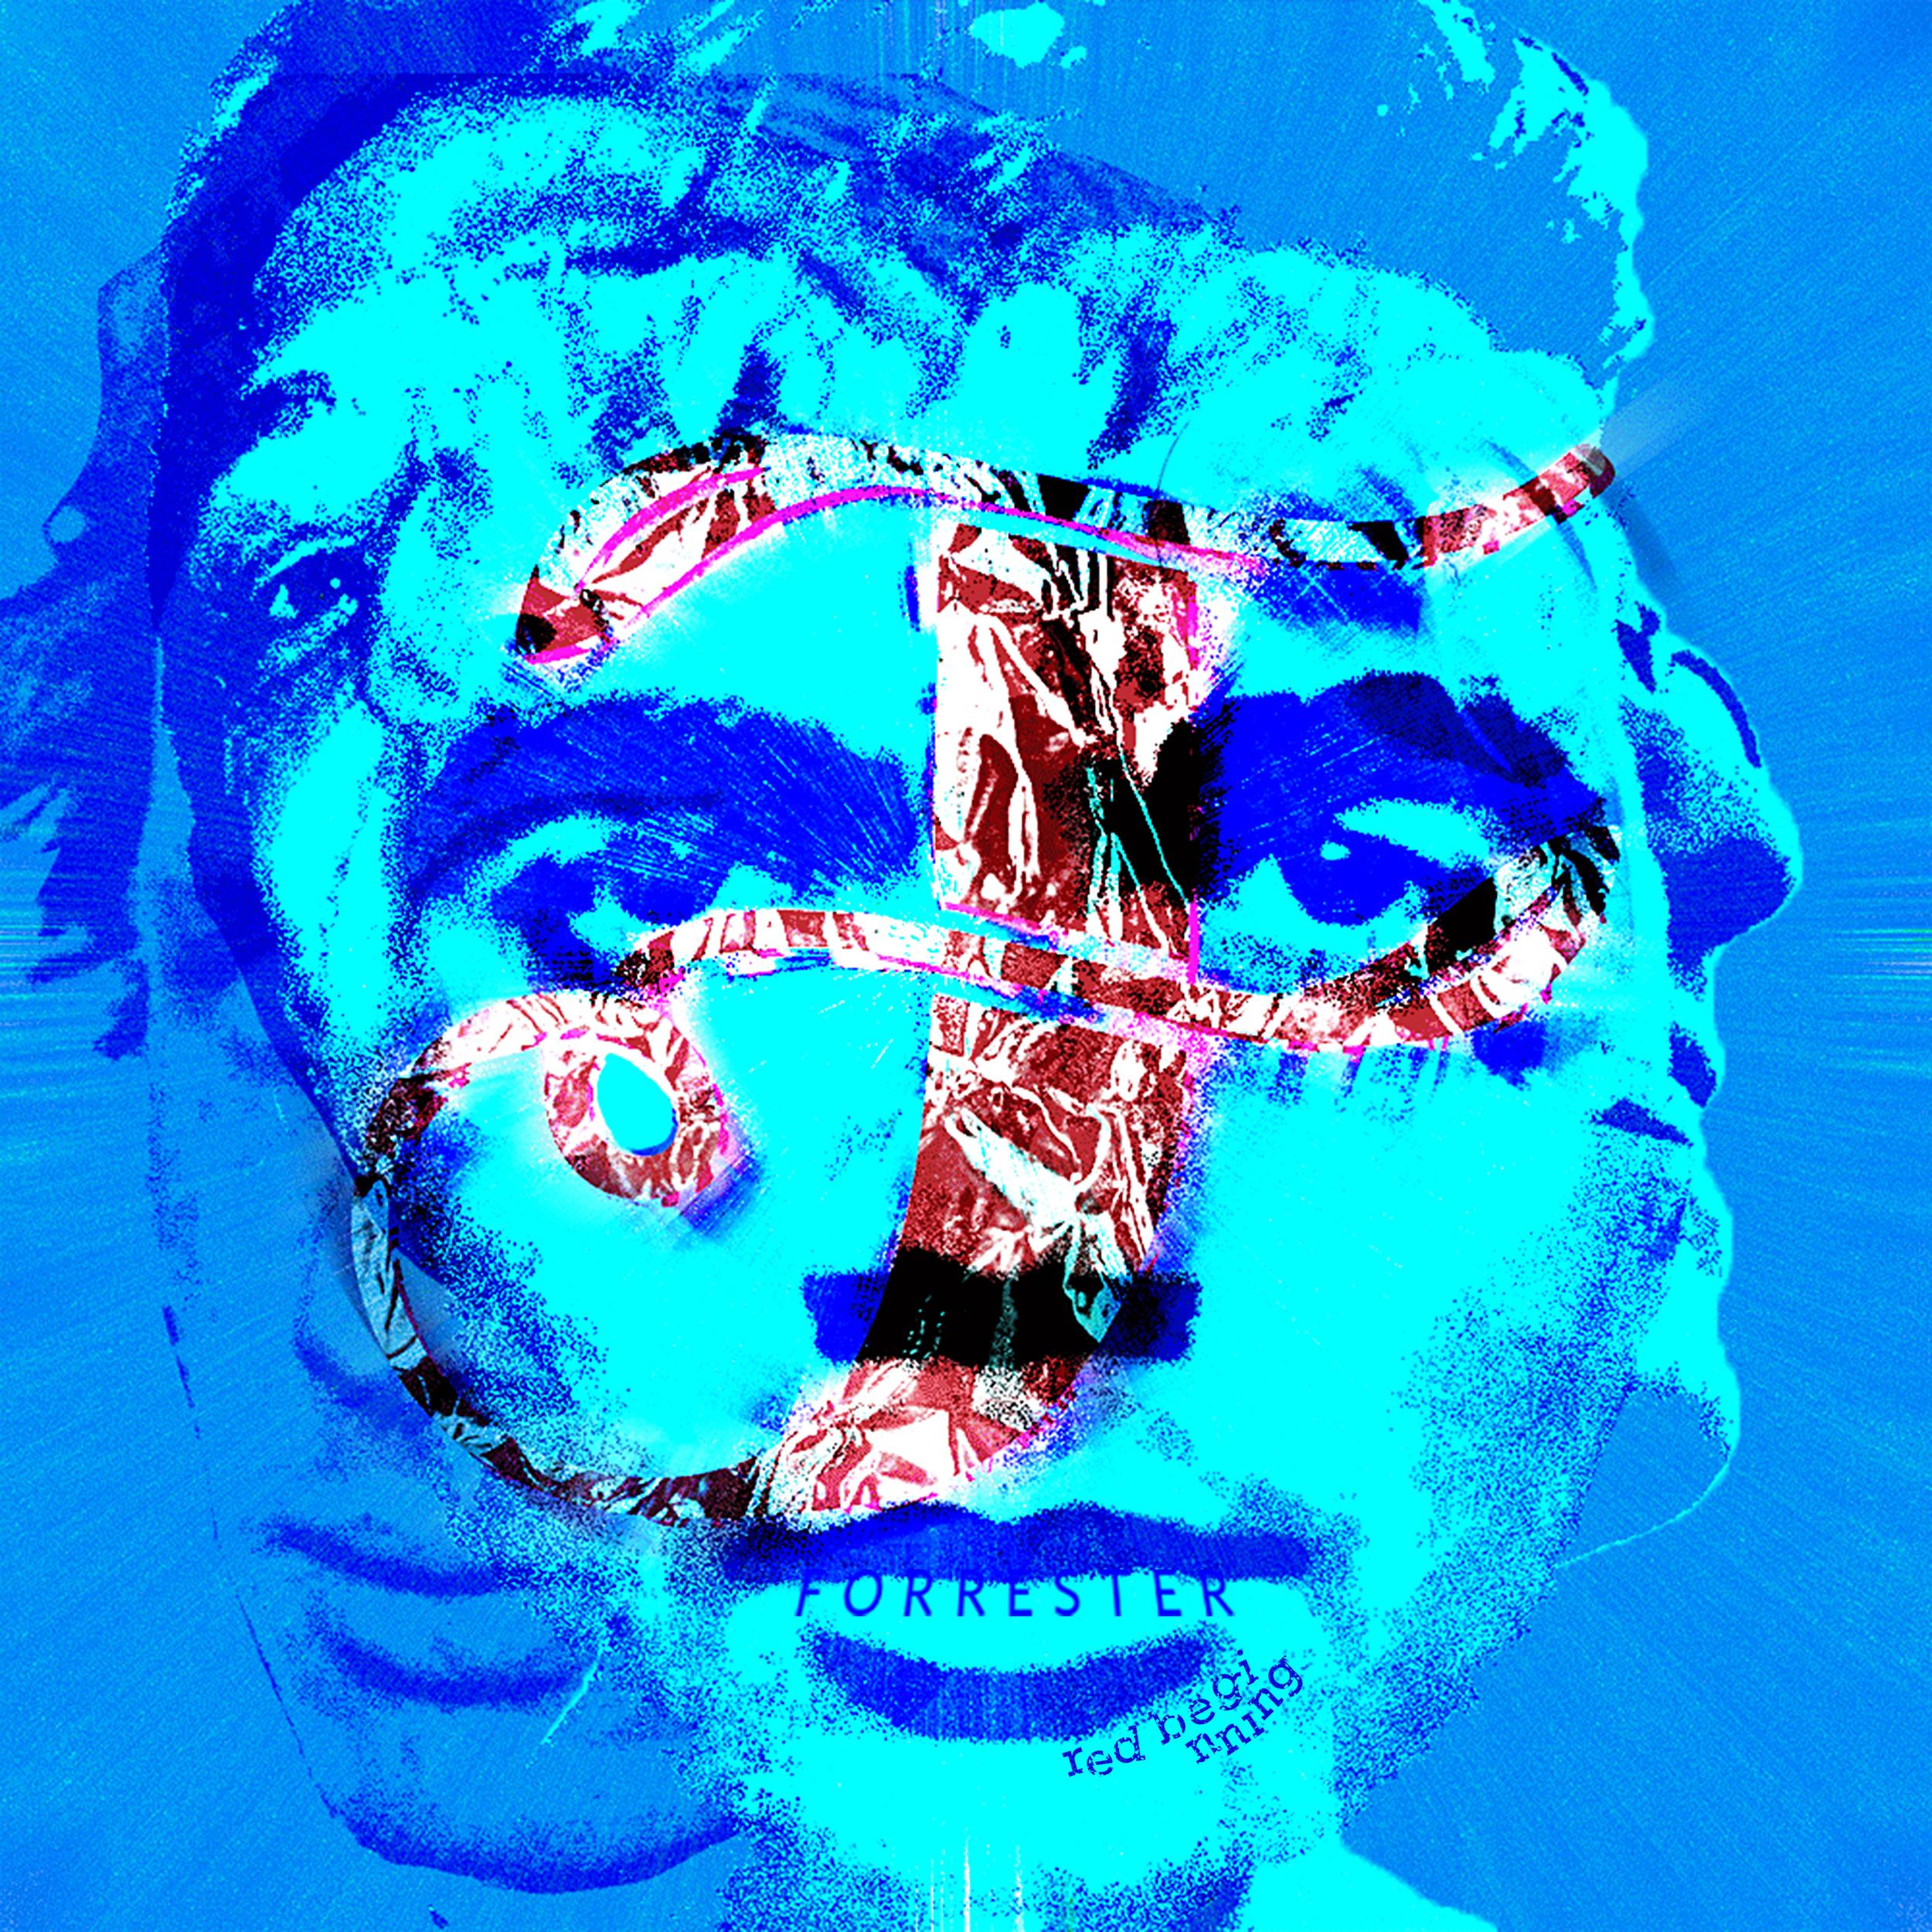 forrester_faces.jpg